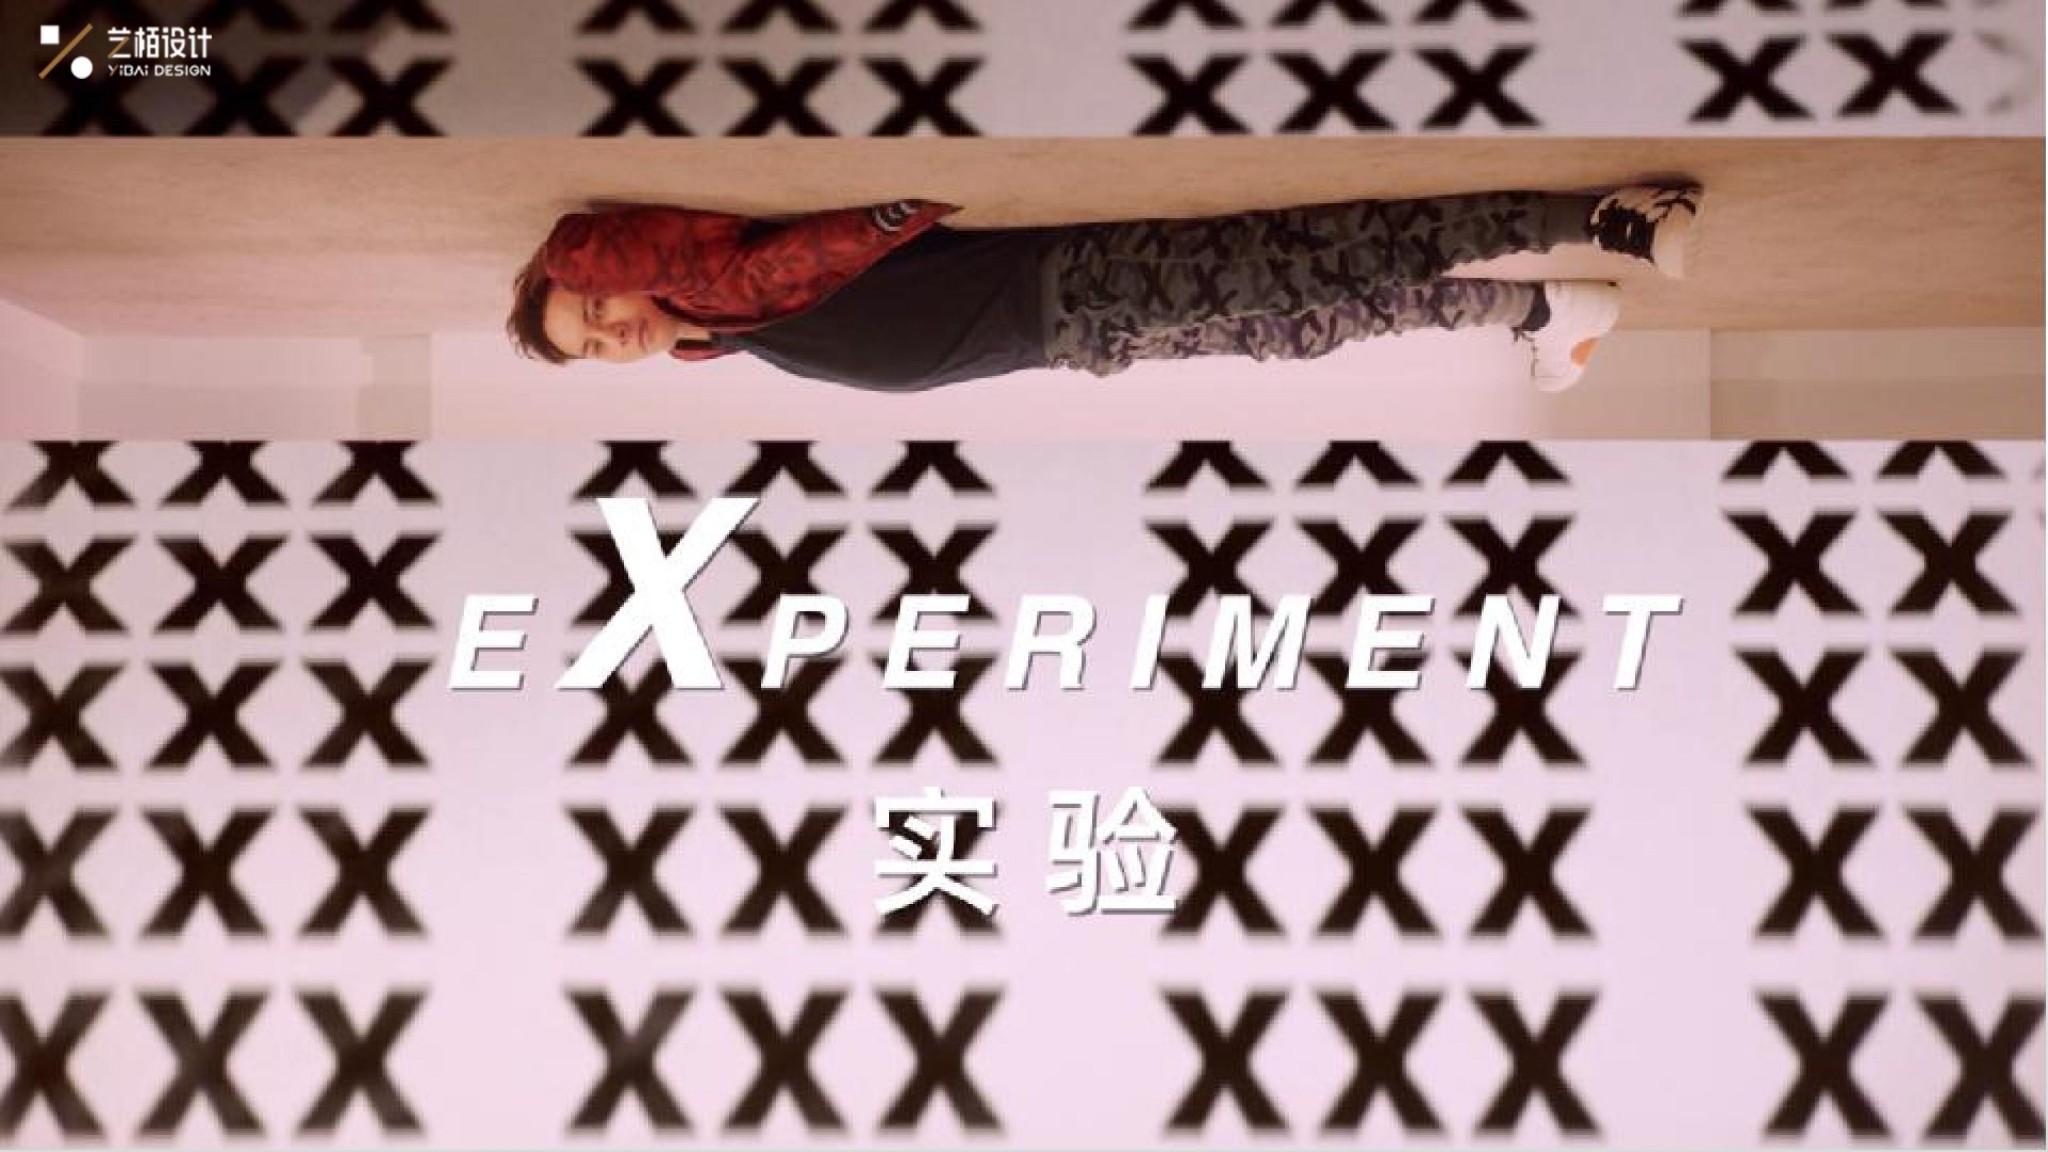 艺栢视频设计完整案例_23